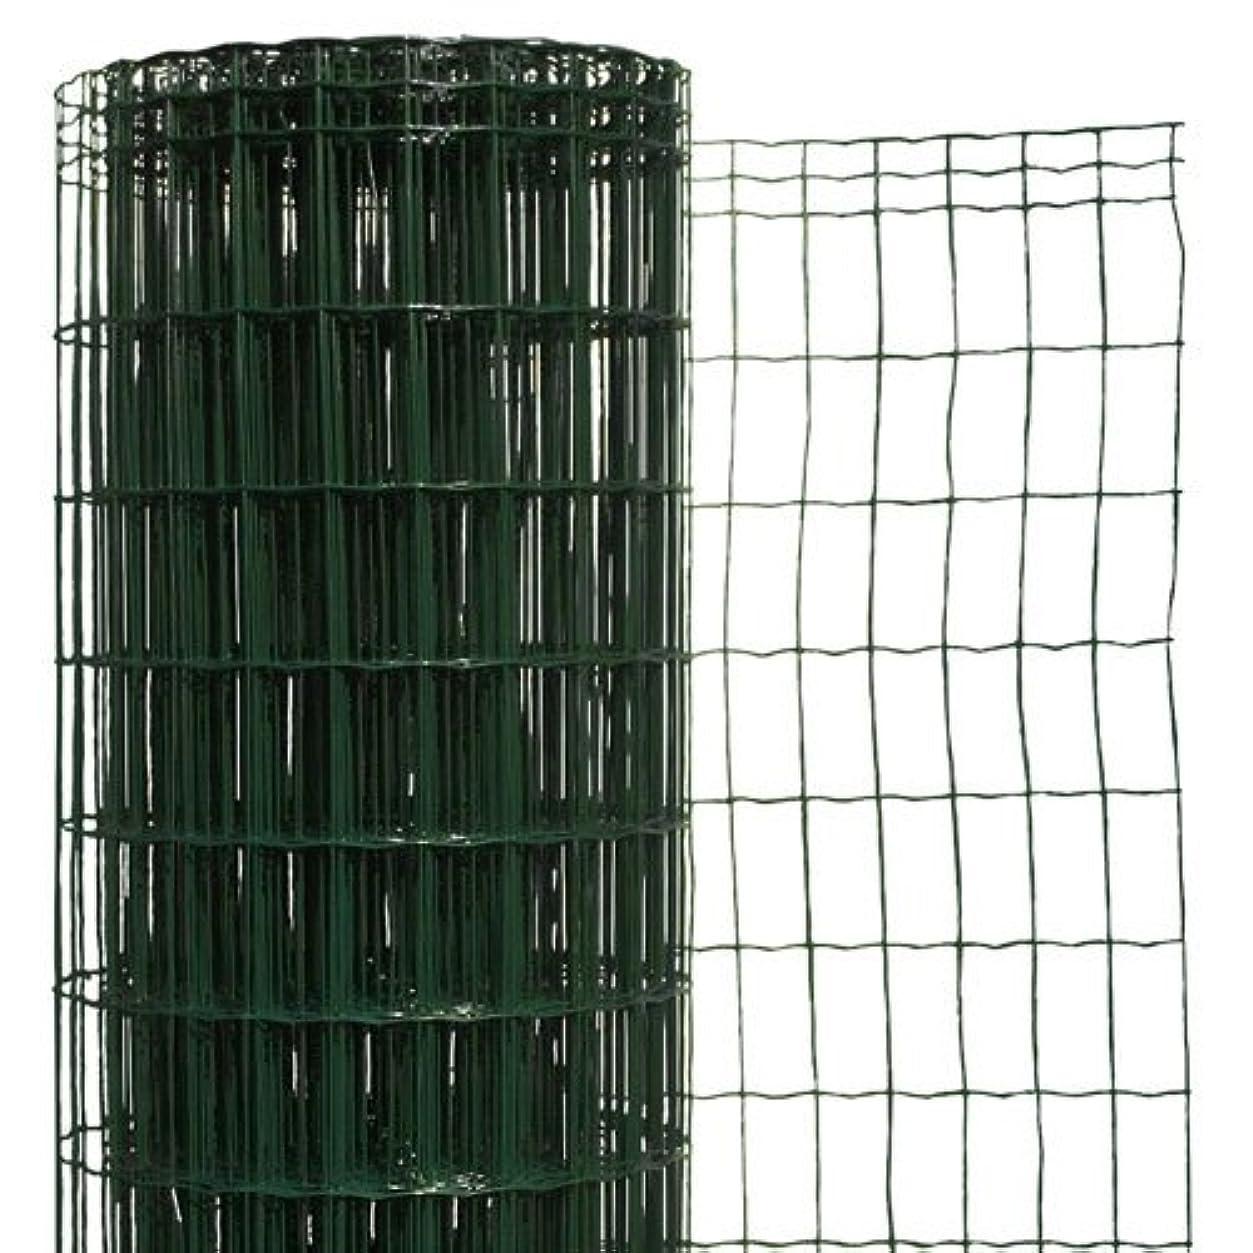 どんなときも足枷フォージ簡単金網フェンス?改良型 1500用ネット 【高さ:1.5m?長さ:20m?防錆処理+PVC加工】